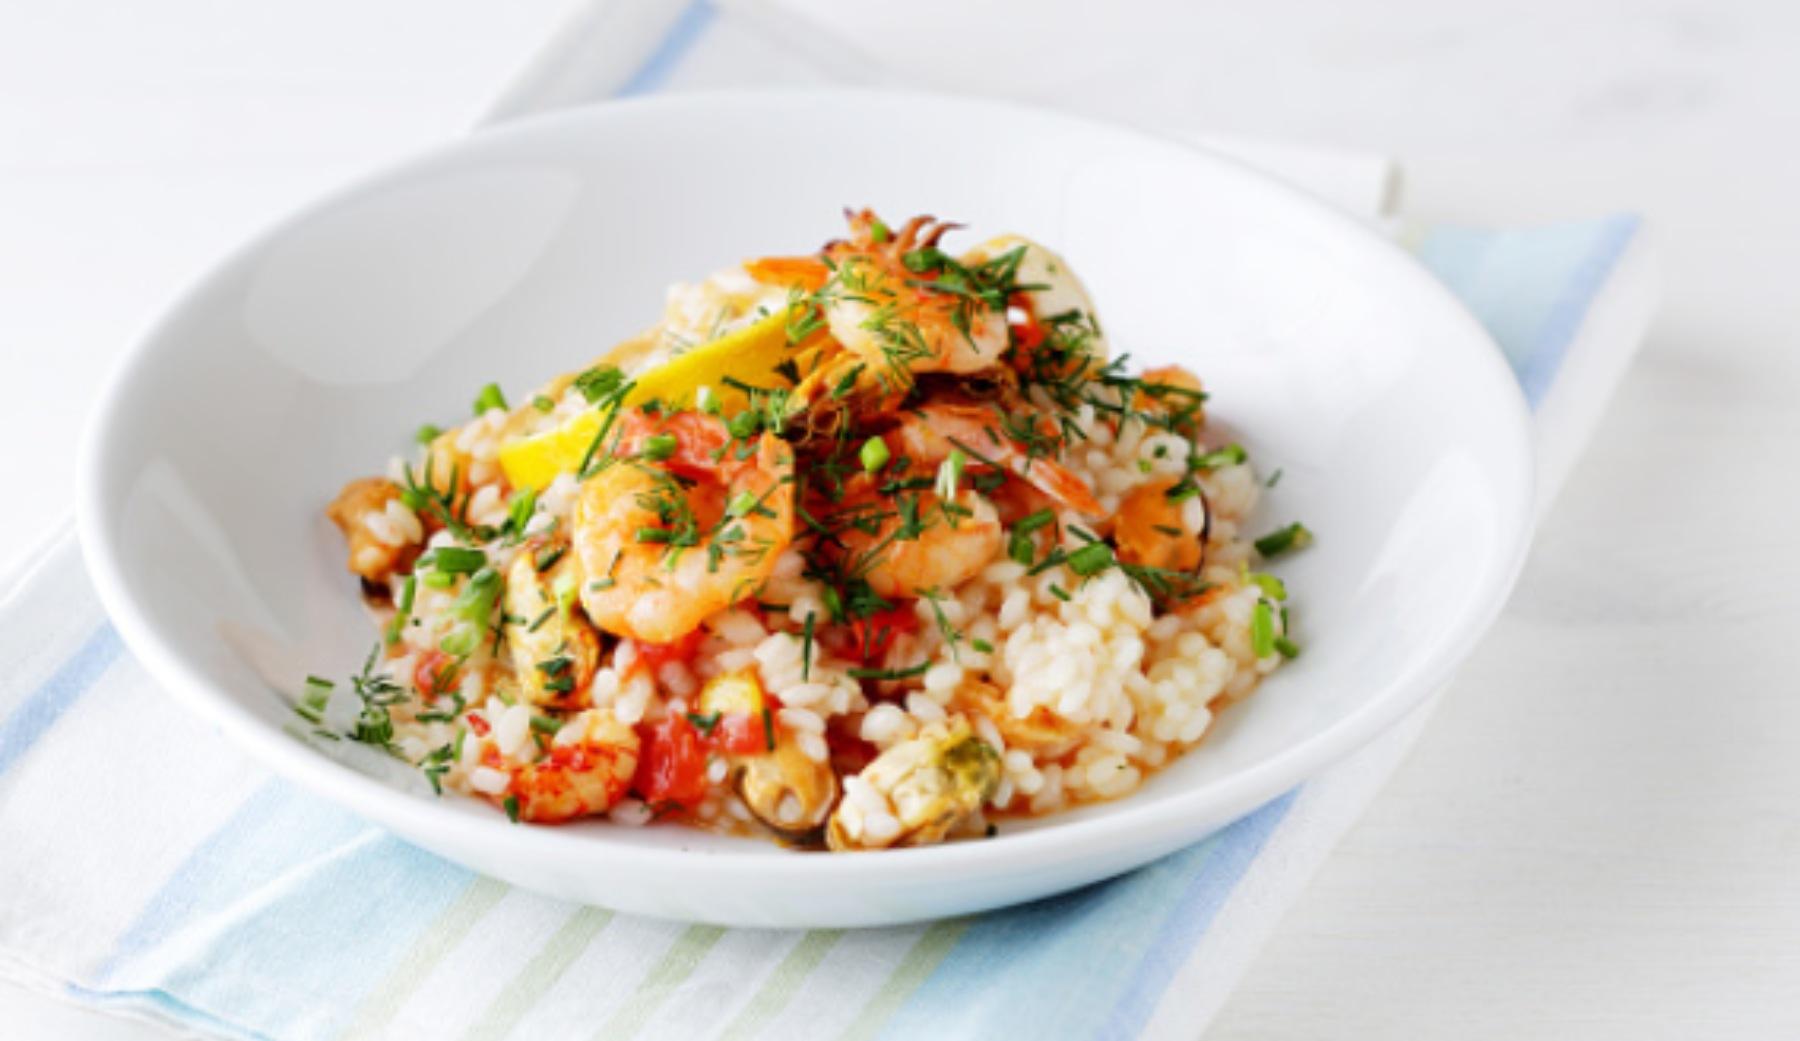 Arroz con langostinos y verduras: receta fácil y rica